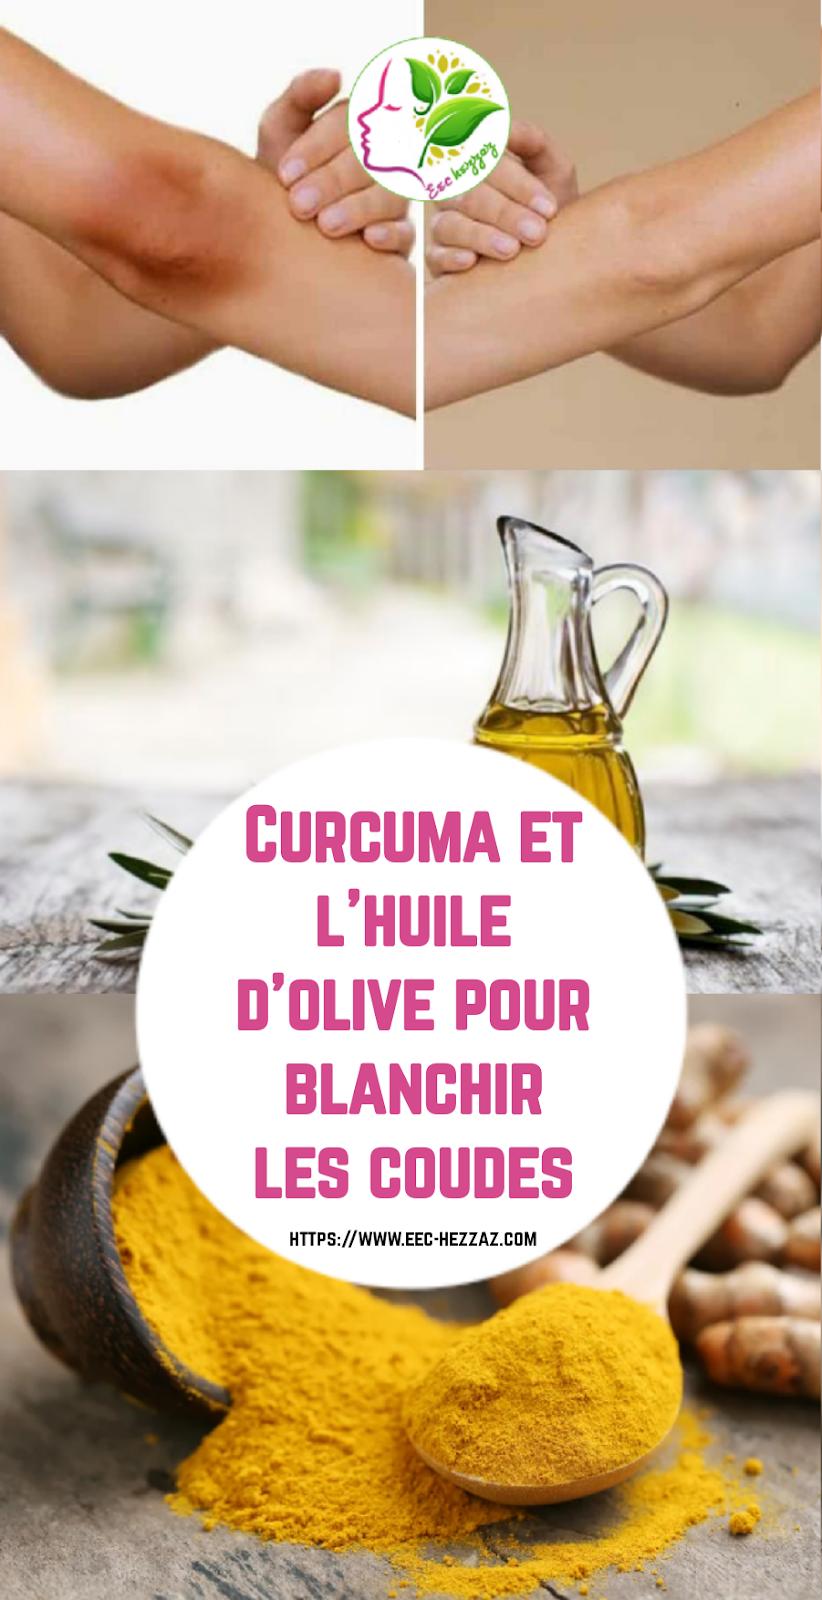 Curcuma et l'huile d'olive pour blanchir les coudes